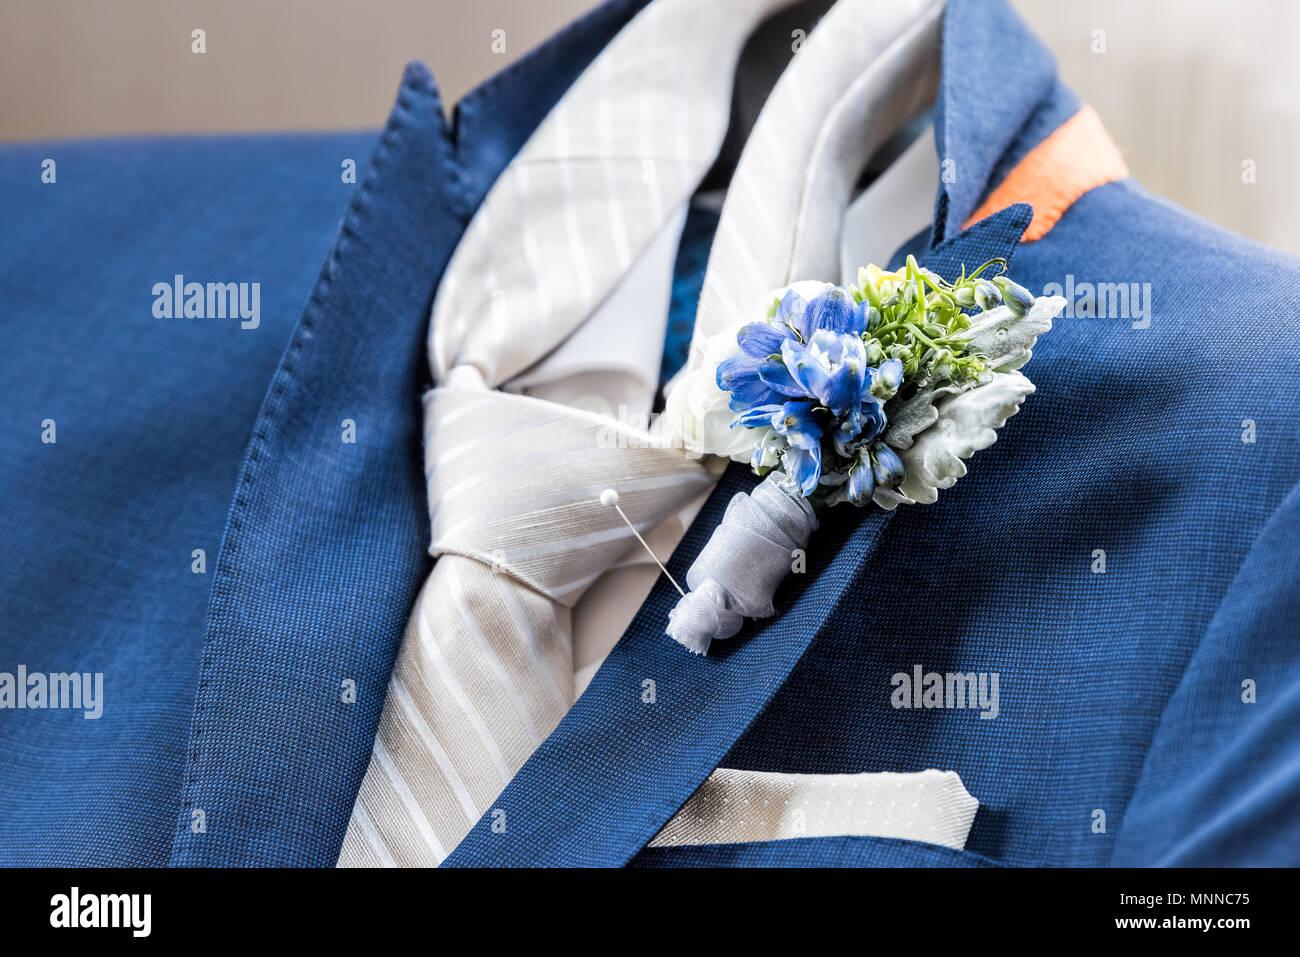 Manner Neue Marine Marine Blau Anzug Und Krawatte Brautigam Closeup